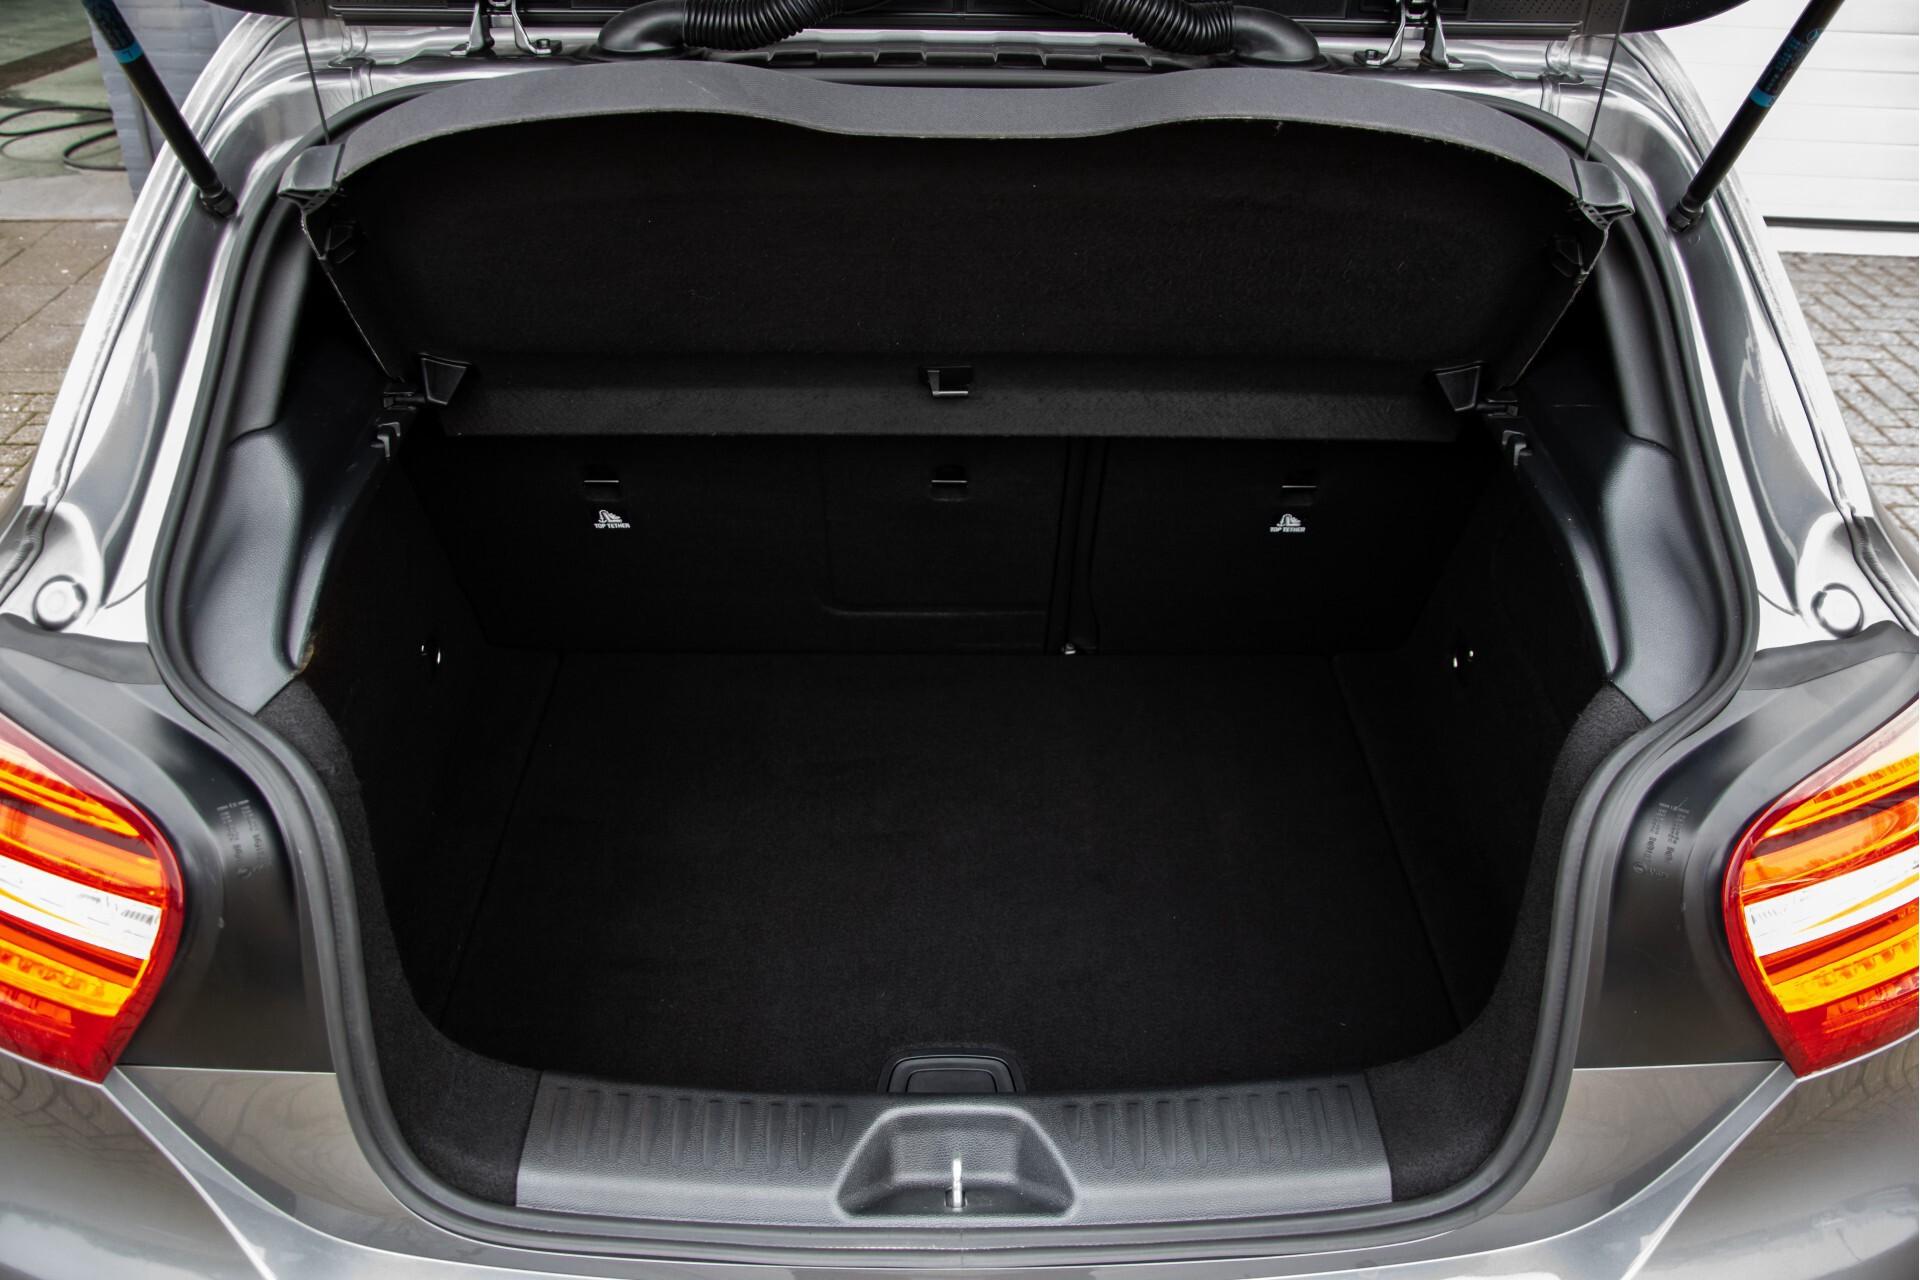 Mercedes-Benz A-Klasse 180 AMG Dynamic Handling/Camera/Xenon/Navi/Privacy Aut7 Foto 45